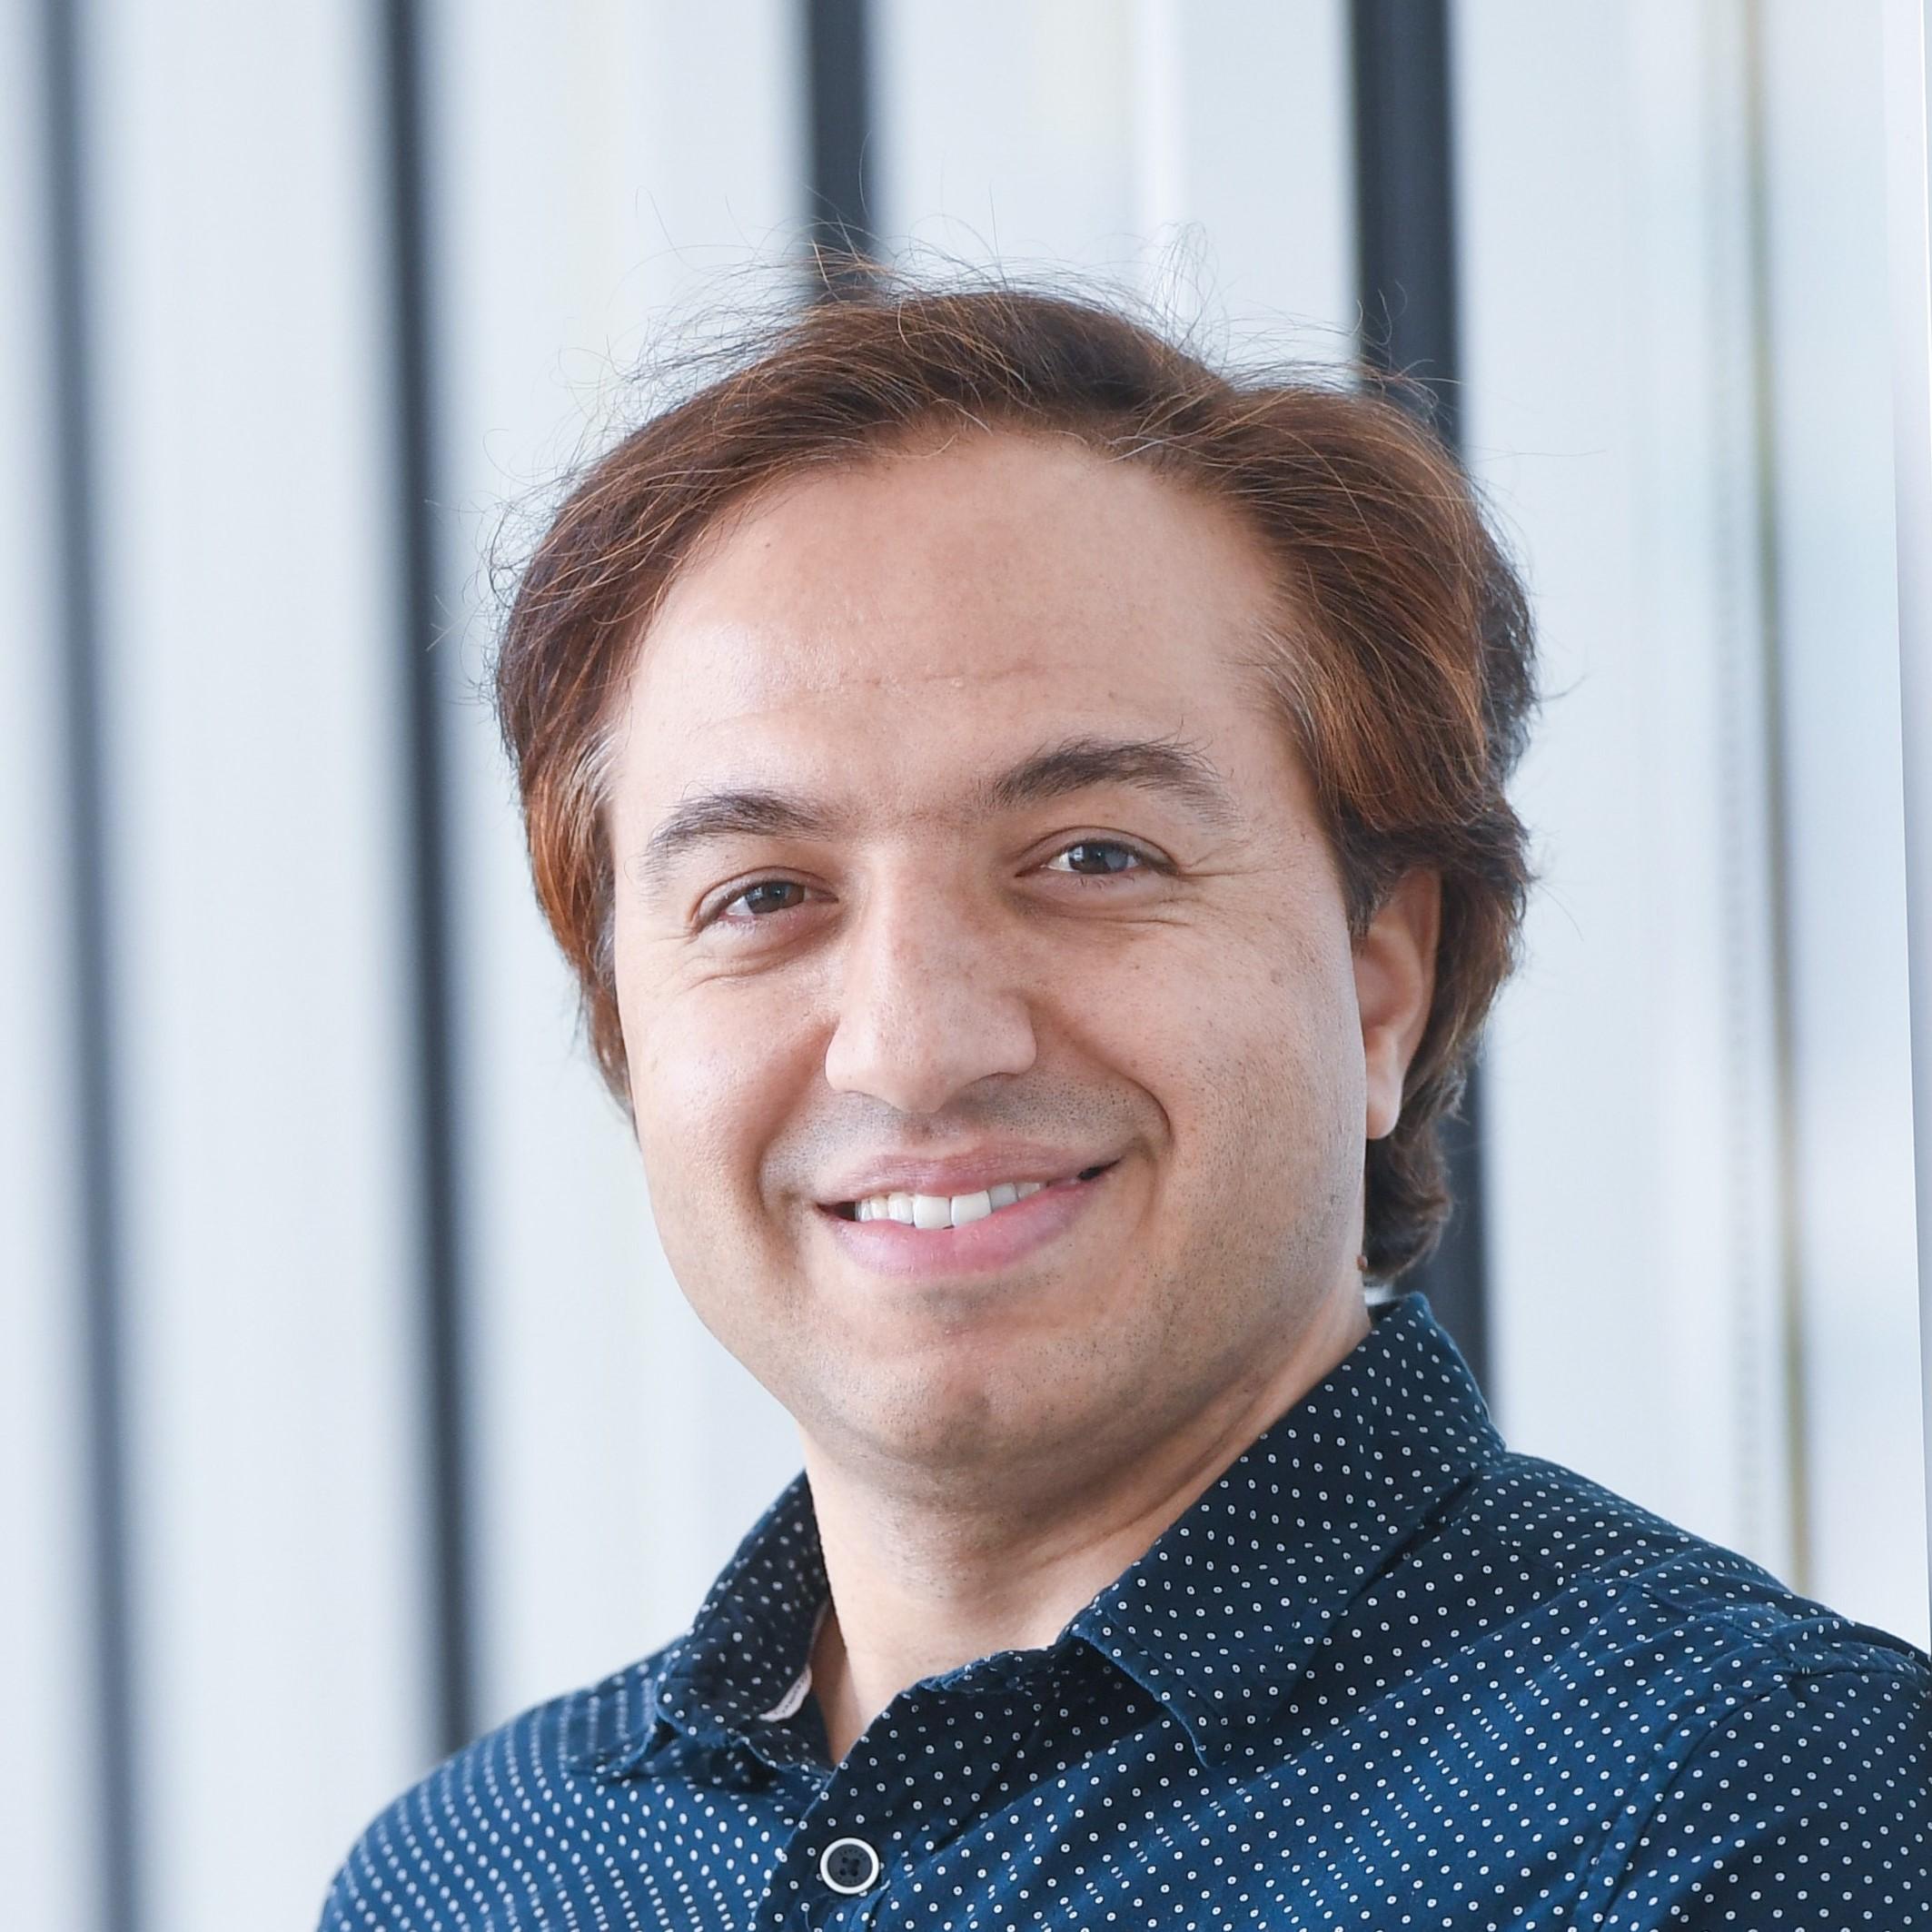 Mohammad Hajizadeh